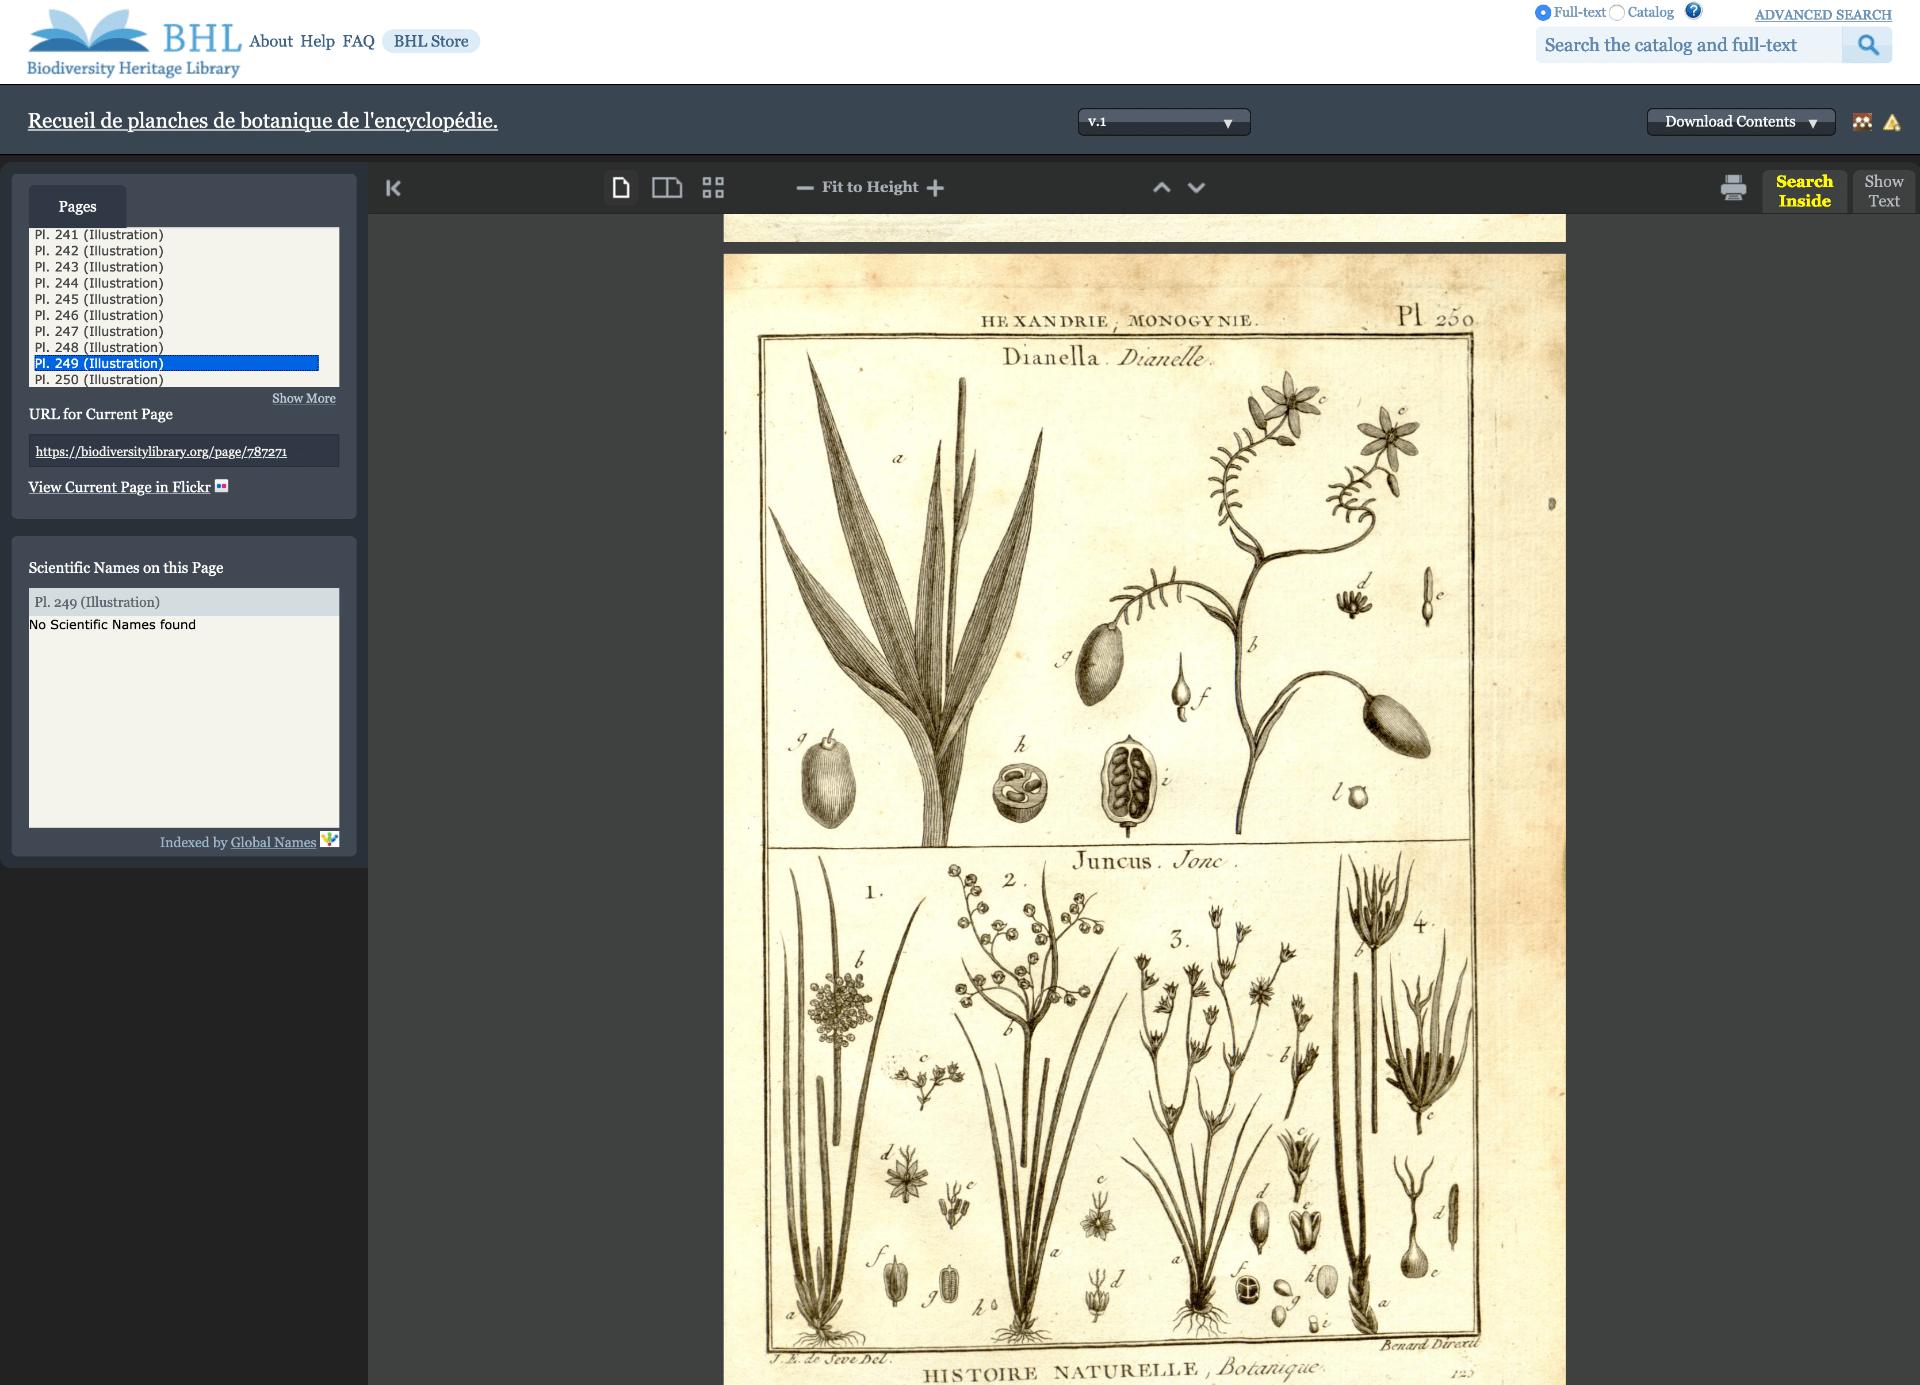 BHL screenshot of an vintage illustration of plants